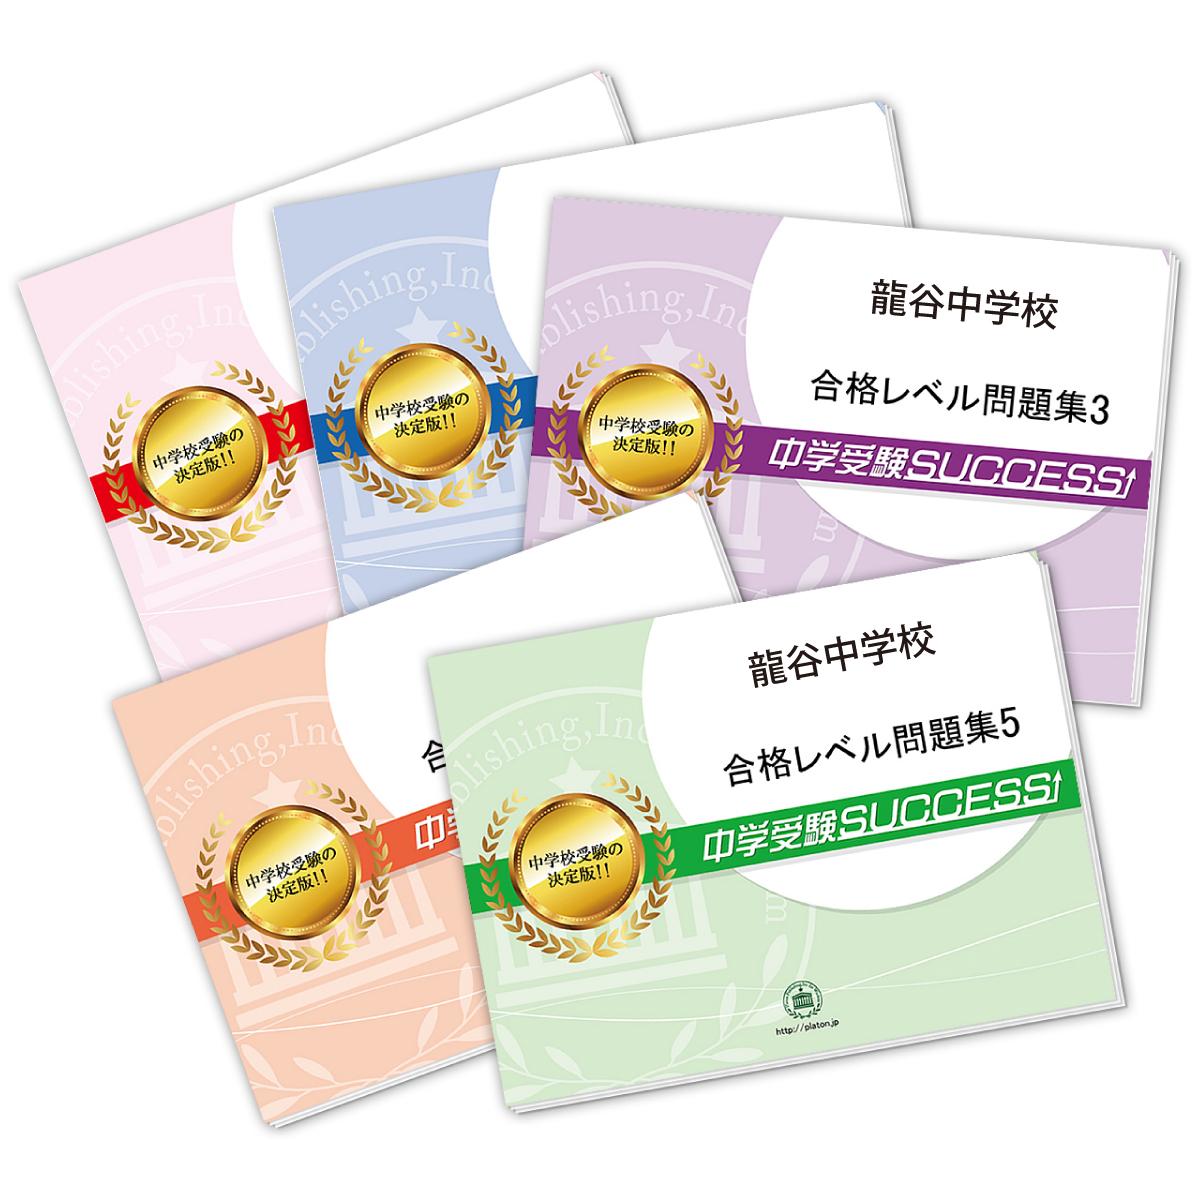 【送料・代引手数料無料】龍谷中学校・直前対策合格セット(5冊)